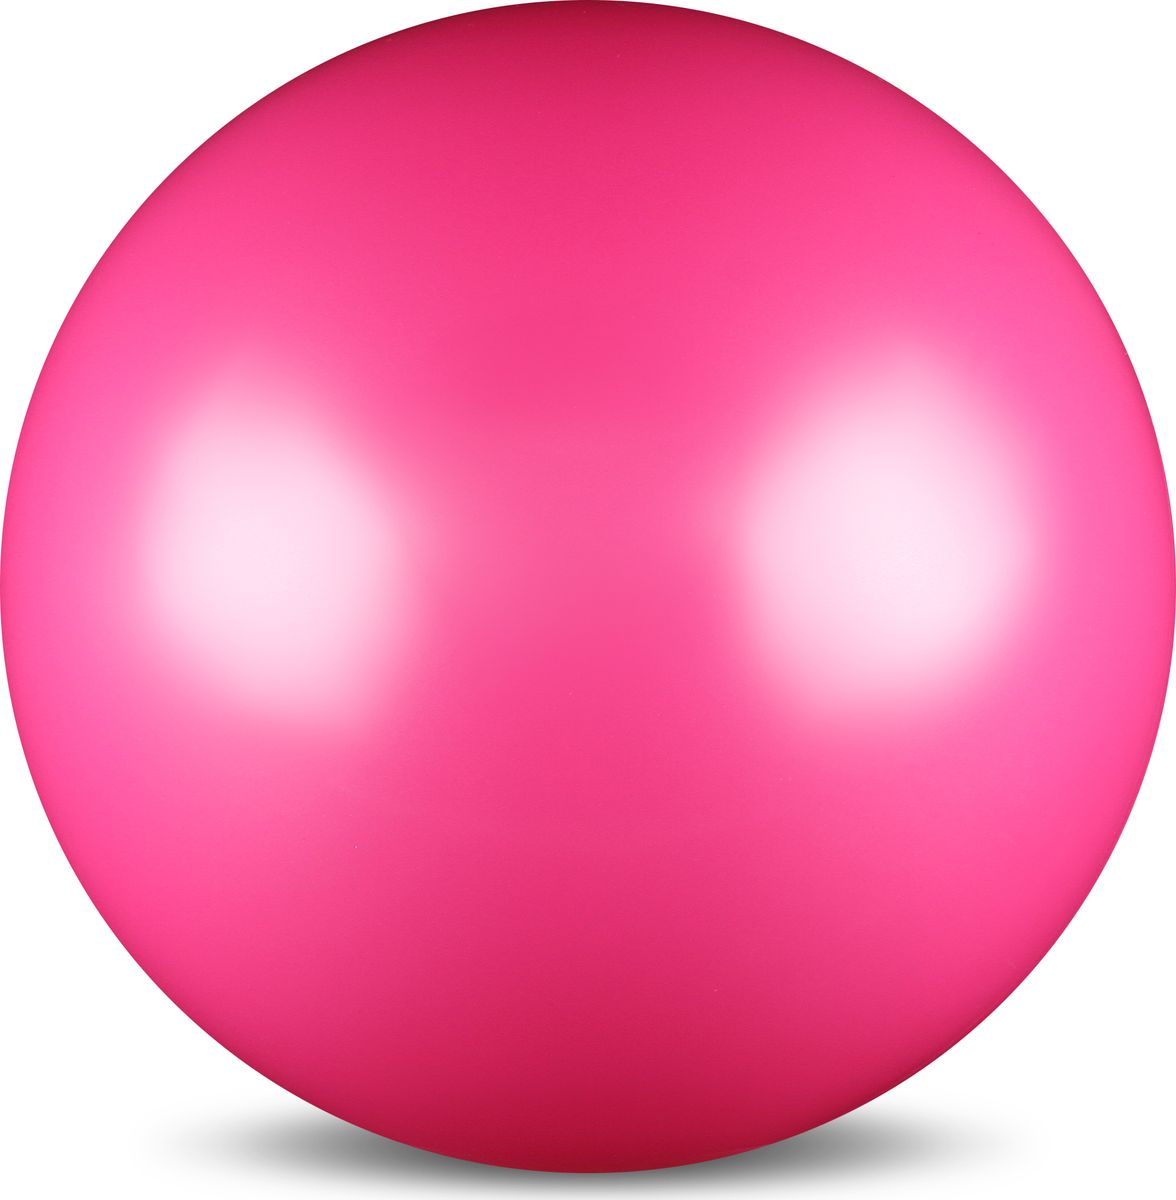 Мяч для художественной гимнастики Indigo, силиконовый, цвет: фуксия, диаметр 15 см цена